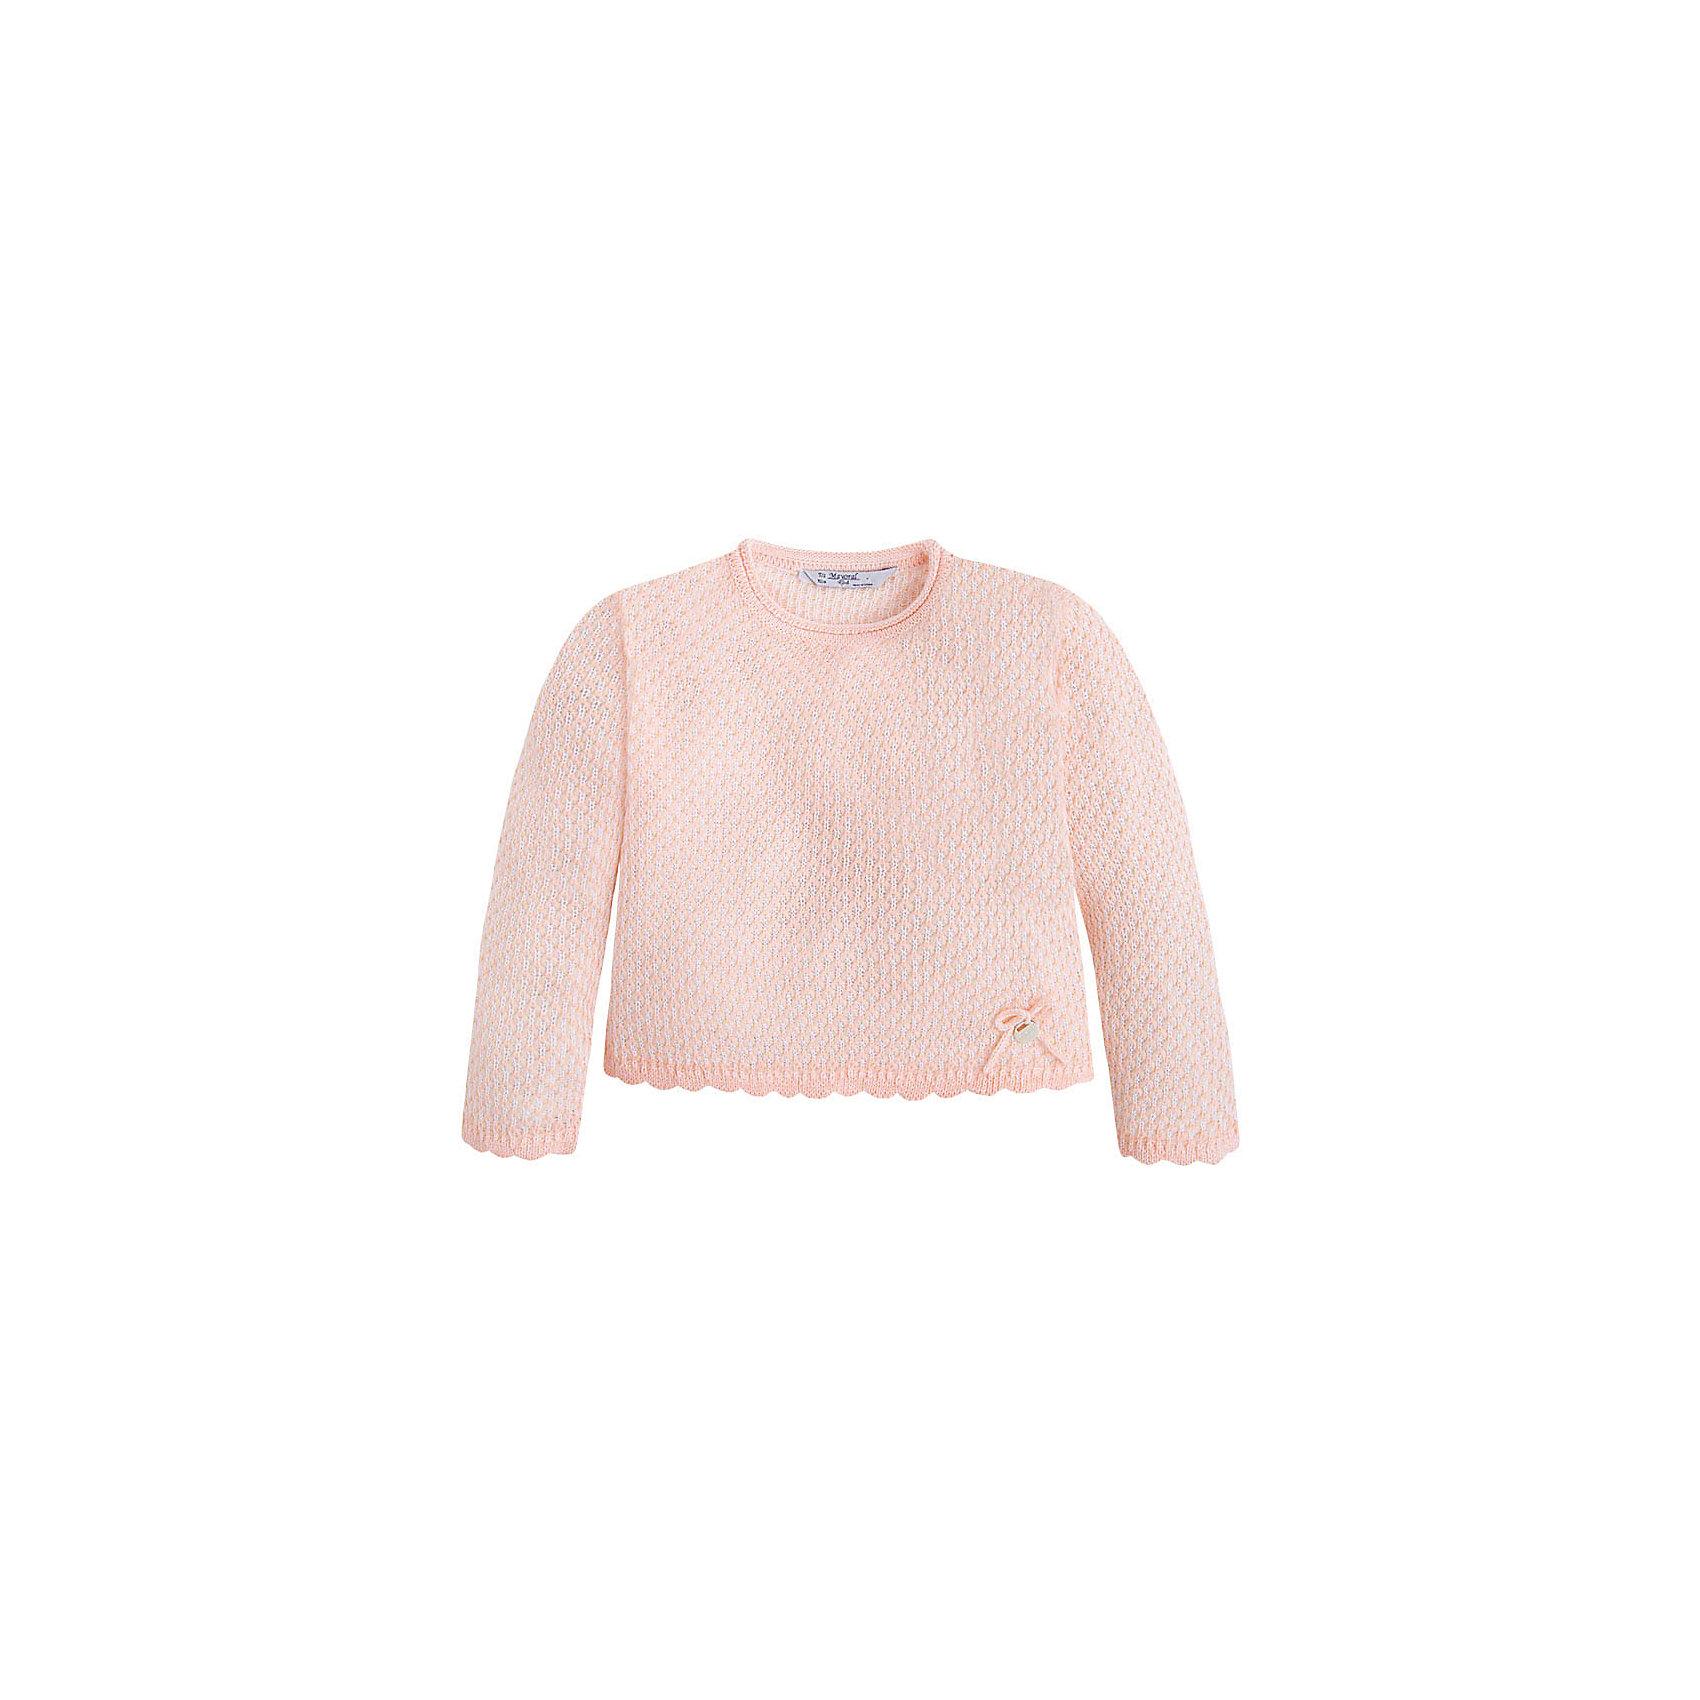 Свитер для девочки MayoralСвитера и кардиганы<br>Свитер для девочки от известной испанской марки Mayoral <br><br>Модный свитер от Mayoral актуален в прохладную погоду. Он прекрасно сочетается с различным низом.  Модель выполнена из качественных материалов, отлично садится по фигуре.<br><br>Особенности модели:<br><br>- цвет: розовый;<br>- рукава длинные;<br>- круглый горловой вырез;<br>- отделка низа и рукавов.<br><br>Дополнительная информация:<br><br>Состав: 100% акрил<br><br>Свитер для девочки Mayoral (Майорал) можно купить в нашем магазине.<br><br>Ширина мм: 190<br>Глубина мм: 74<br>Высота мм: 229<br>Вес г: 236<br>Цвет: розовый<br>Возраст от месяцев: 60<br>Возраст до месяцев: 72<br>Пол: Женский<br>Возраст: Детский<br>Размер: 98,104,110,134,128,116,122<br>SKU: 4542060